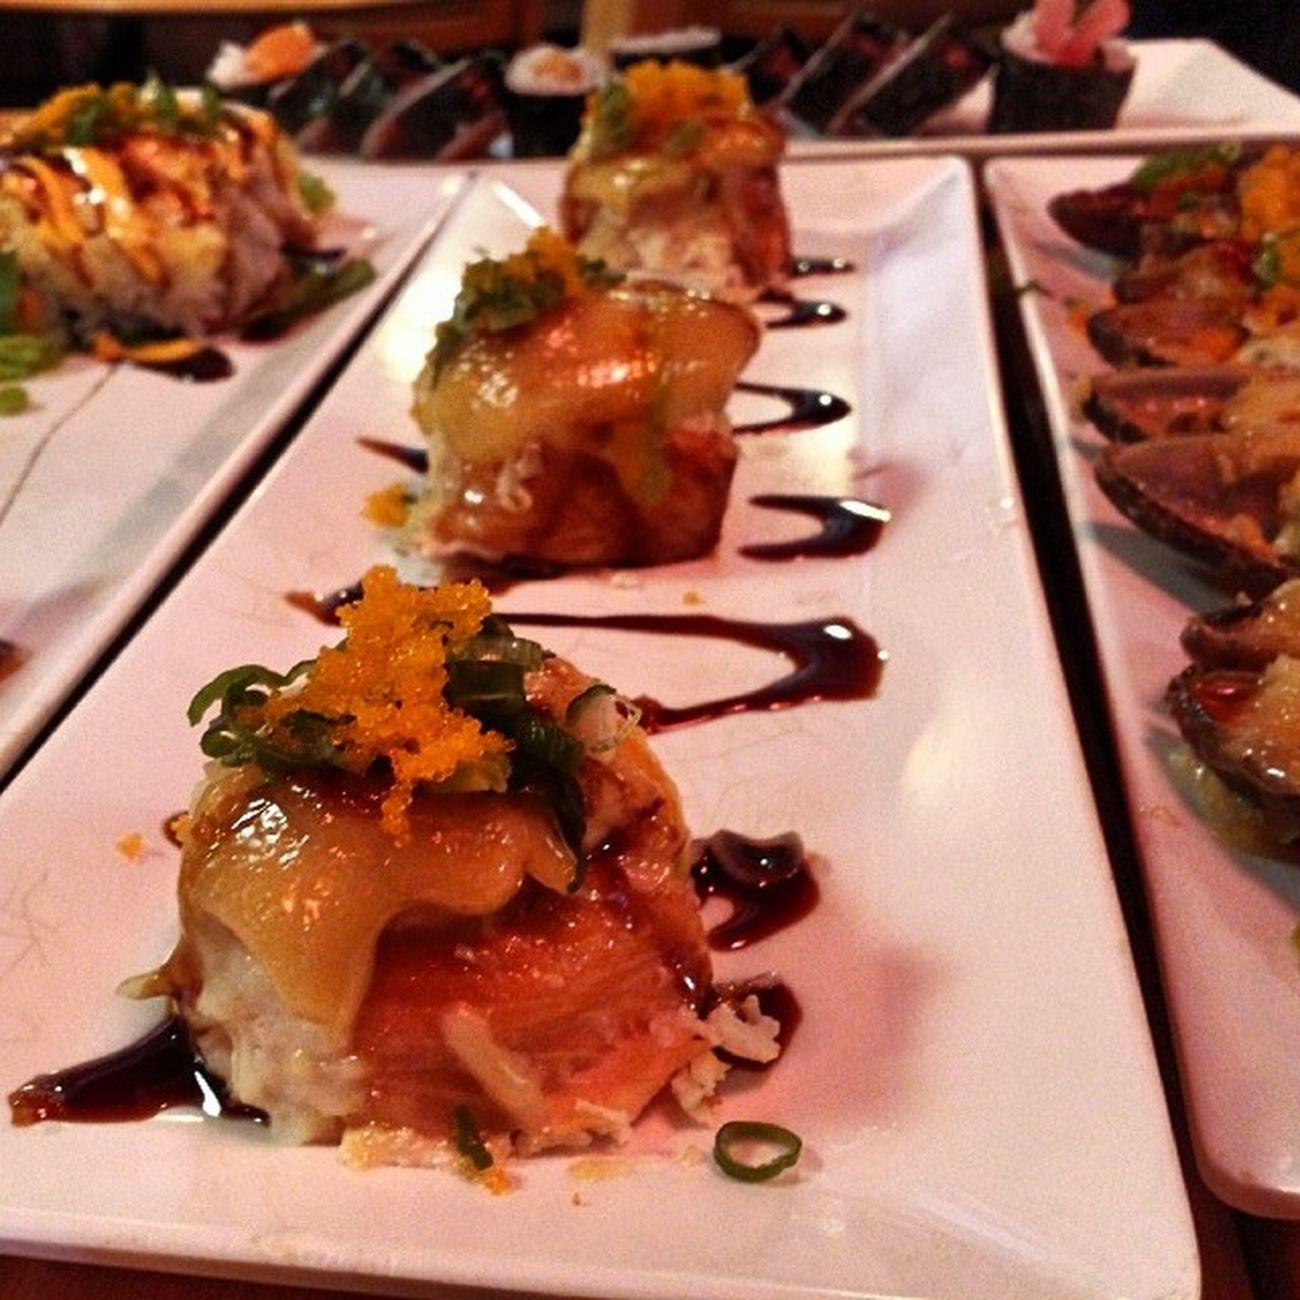 All you can eat sushi, fawwwk 😅😅😅 Asahi Worththetrip Yummy HellaGood behungry nomnom lunch foodporn